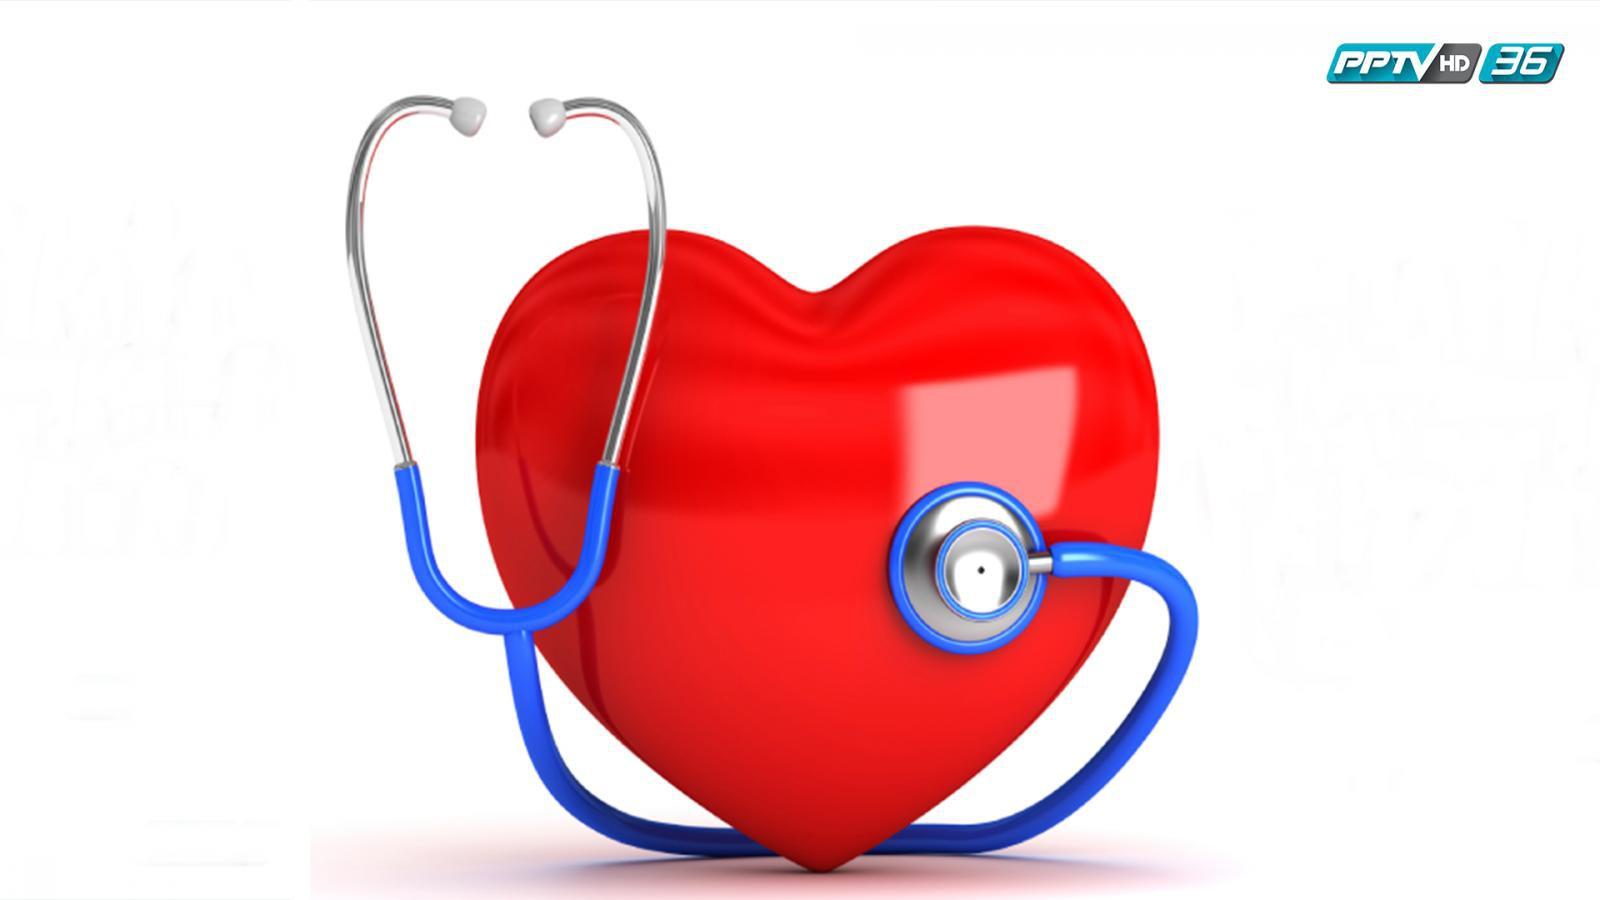 """แพทย์แนะสัญญาณเตือน """"โรคกล้ามเนื้อหัวใจขาดเลือดเฉียบพลัน"""""""